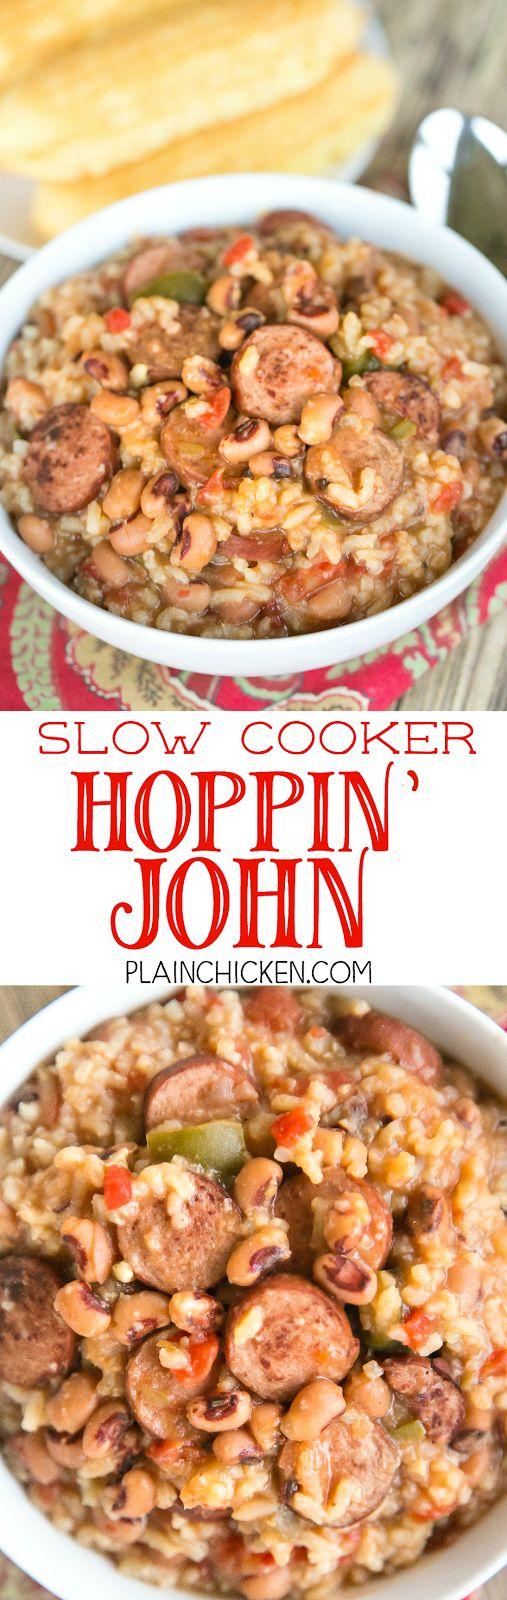 Olla de cocción lenta Hoppin 'John - perfecto para sonar en el Año Nuevo!  Black Eyed Peas, dados de tomate y chiles verdes, salchichas ahumadas, caldo de res, cebolla, pimiento, condimentos cajún y arroz.  La comida de comodidad en su mejor momento!  Todo lo que necesita es un poco de pan de maíz y ya está listo para comer!